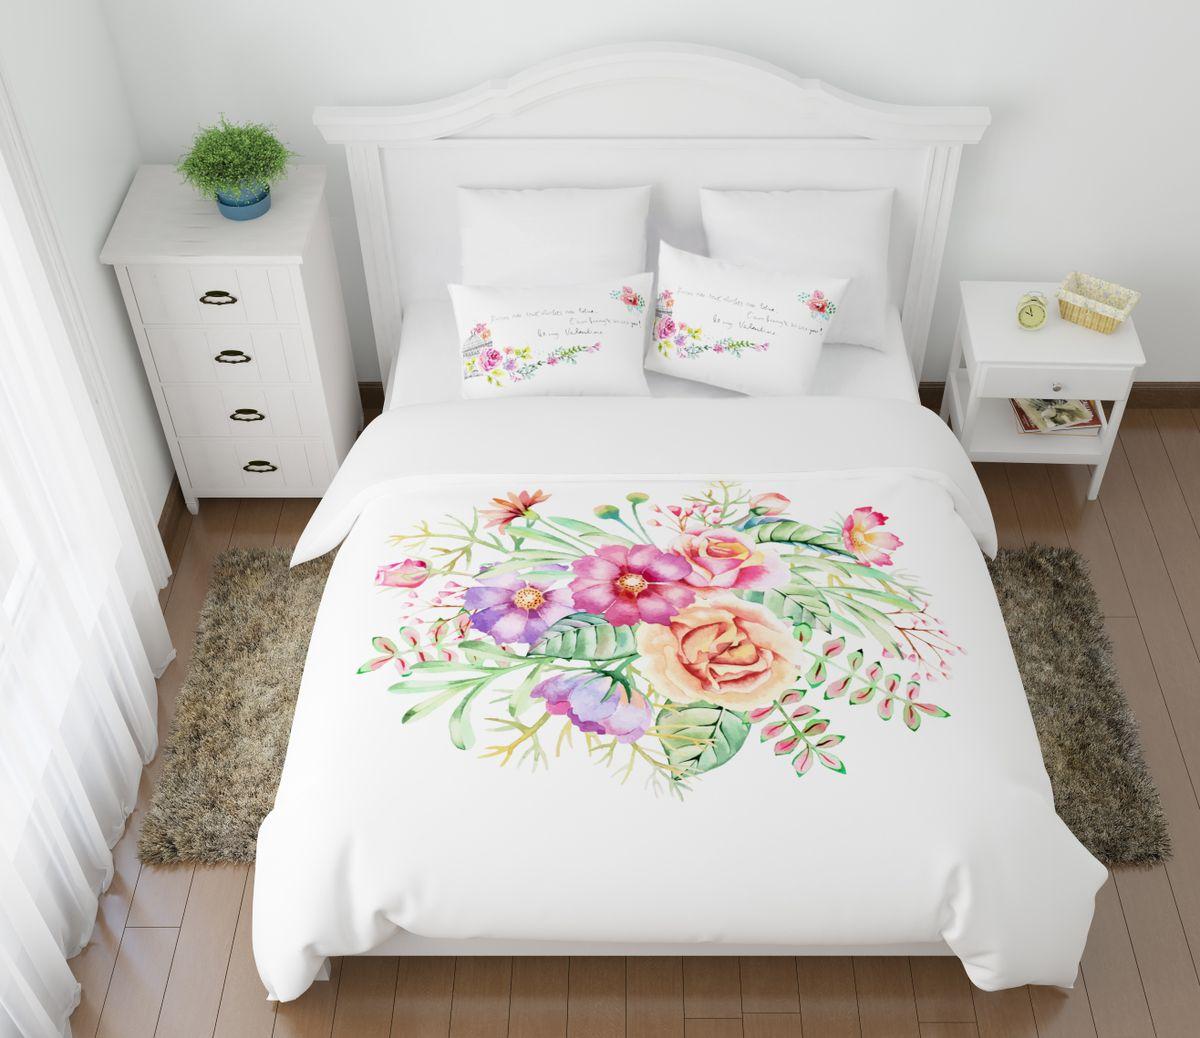 Комплект белья Сирень Вальс цветов, 1,5-спальный, наволочки 50x70391602Комплект постельного белья Сирень состоит из простыни, пододеяльника и 2 наволочек. Комплект выполнен из современных гипоаллергенных материалов. Приятный при прикосновении сатин - гарантия здорового, спокойного сна. Ткань хорошо впитывает влагу, надолго сохраняет яркость красок. Четкий, изящный рисунок в сочетании с насыщенными красками делает комплект постельного белья неповторимой изюминкой любого интерьера. Постельное белье идеально подойдет для подарка.